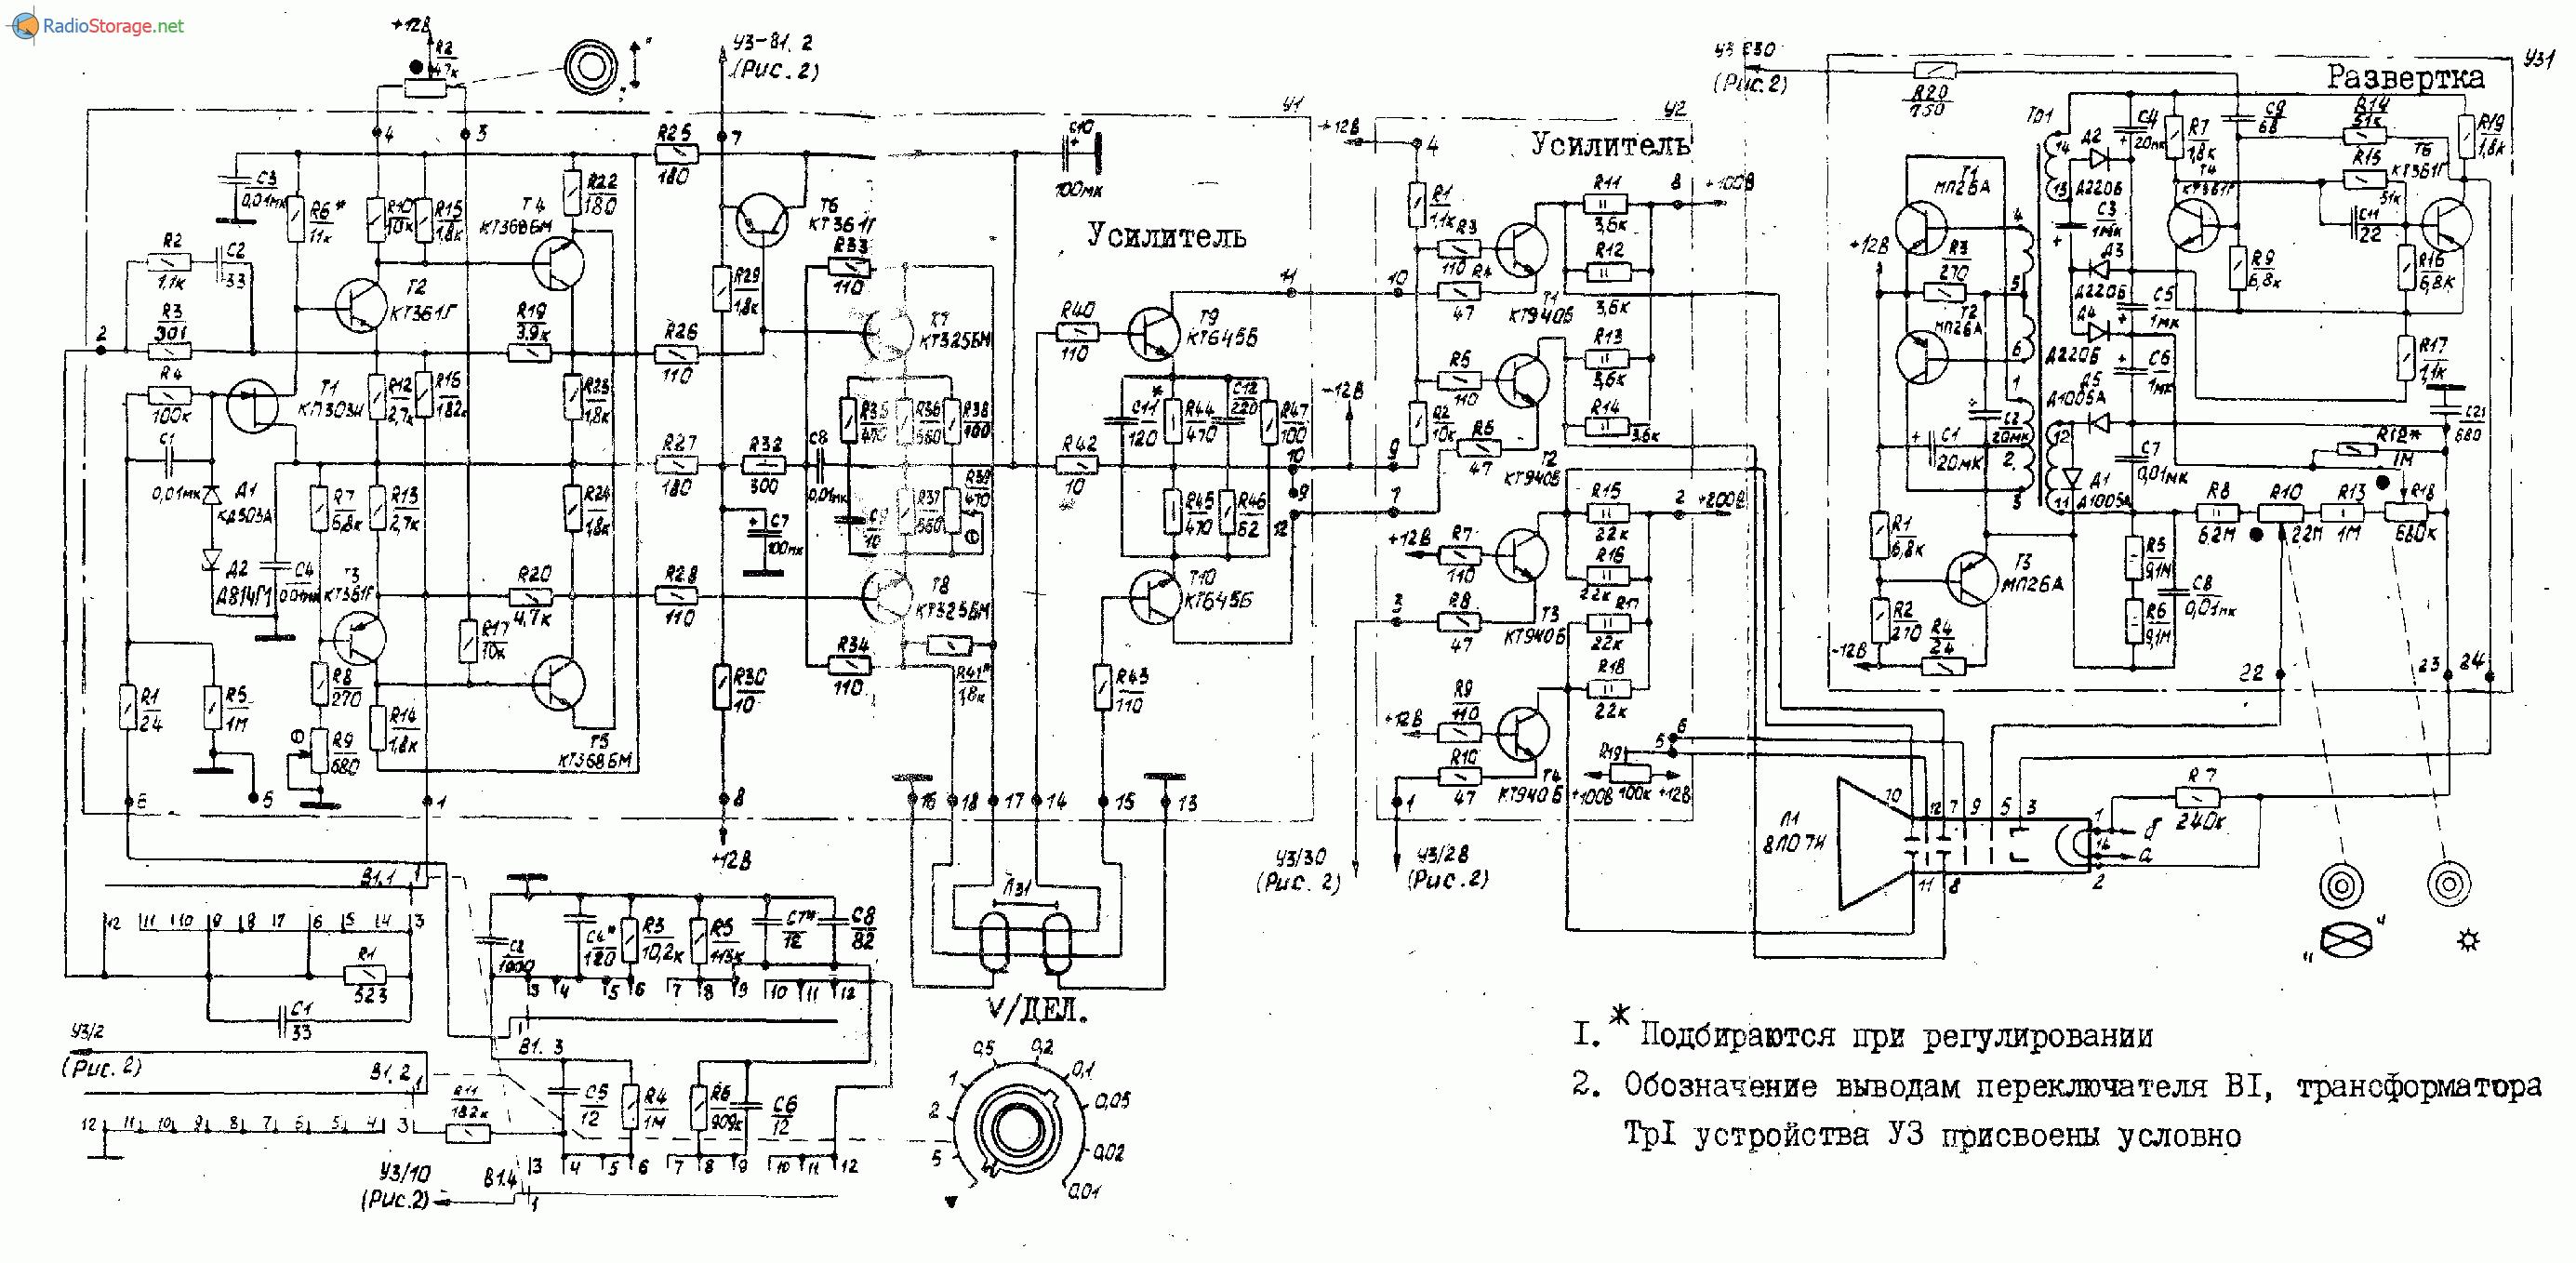 Инструкция по использованию видеорегистратора хд двр 2